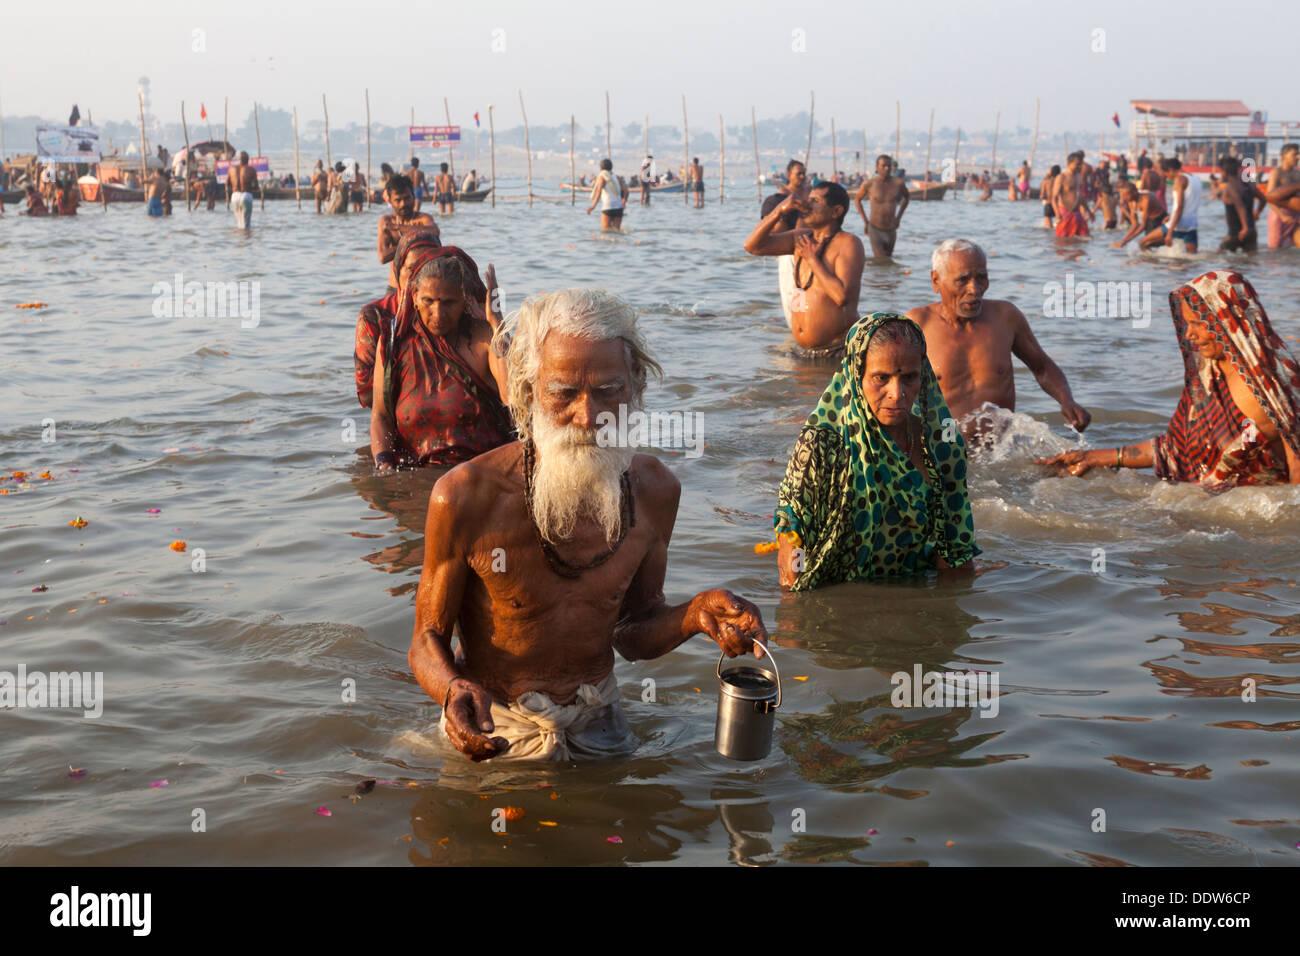 Devoti e pellegrini tenendo santo tuffo nella Ganga durante il giorno fausto a Kumbh Mela 2013, Allahabad, fino in India Immagini Stock